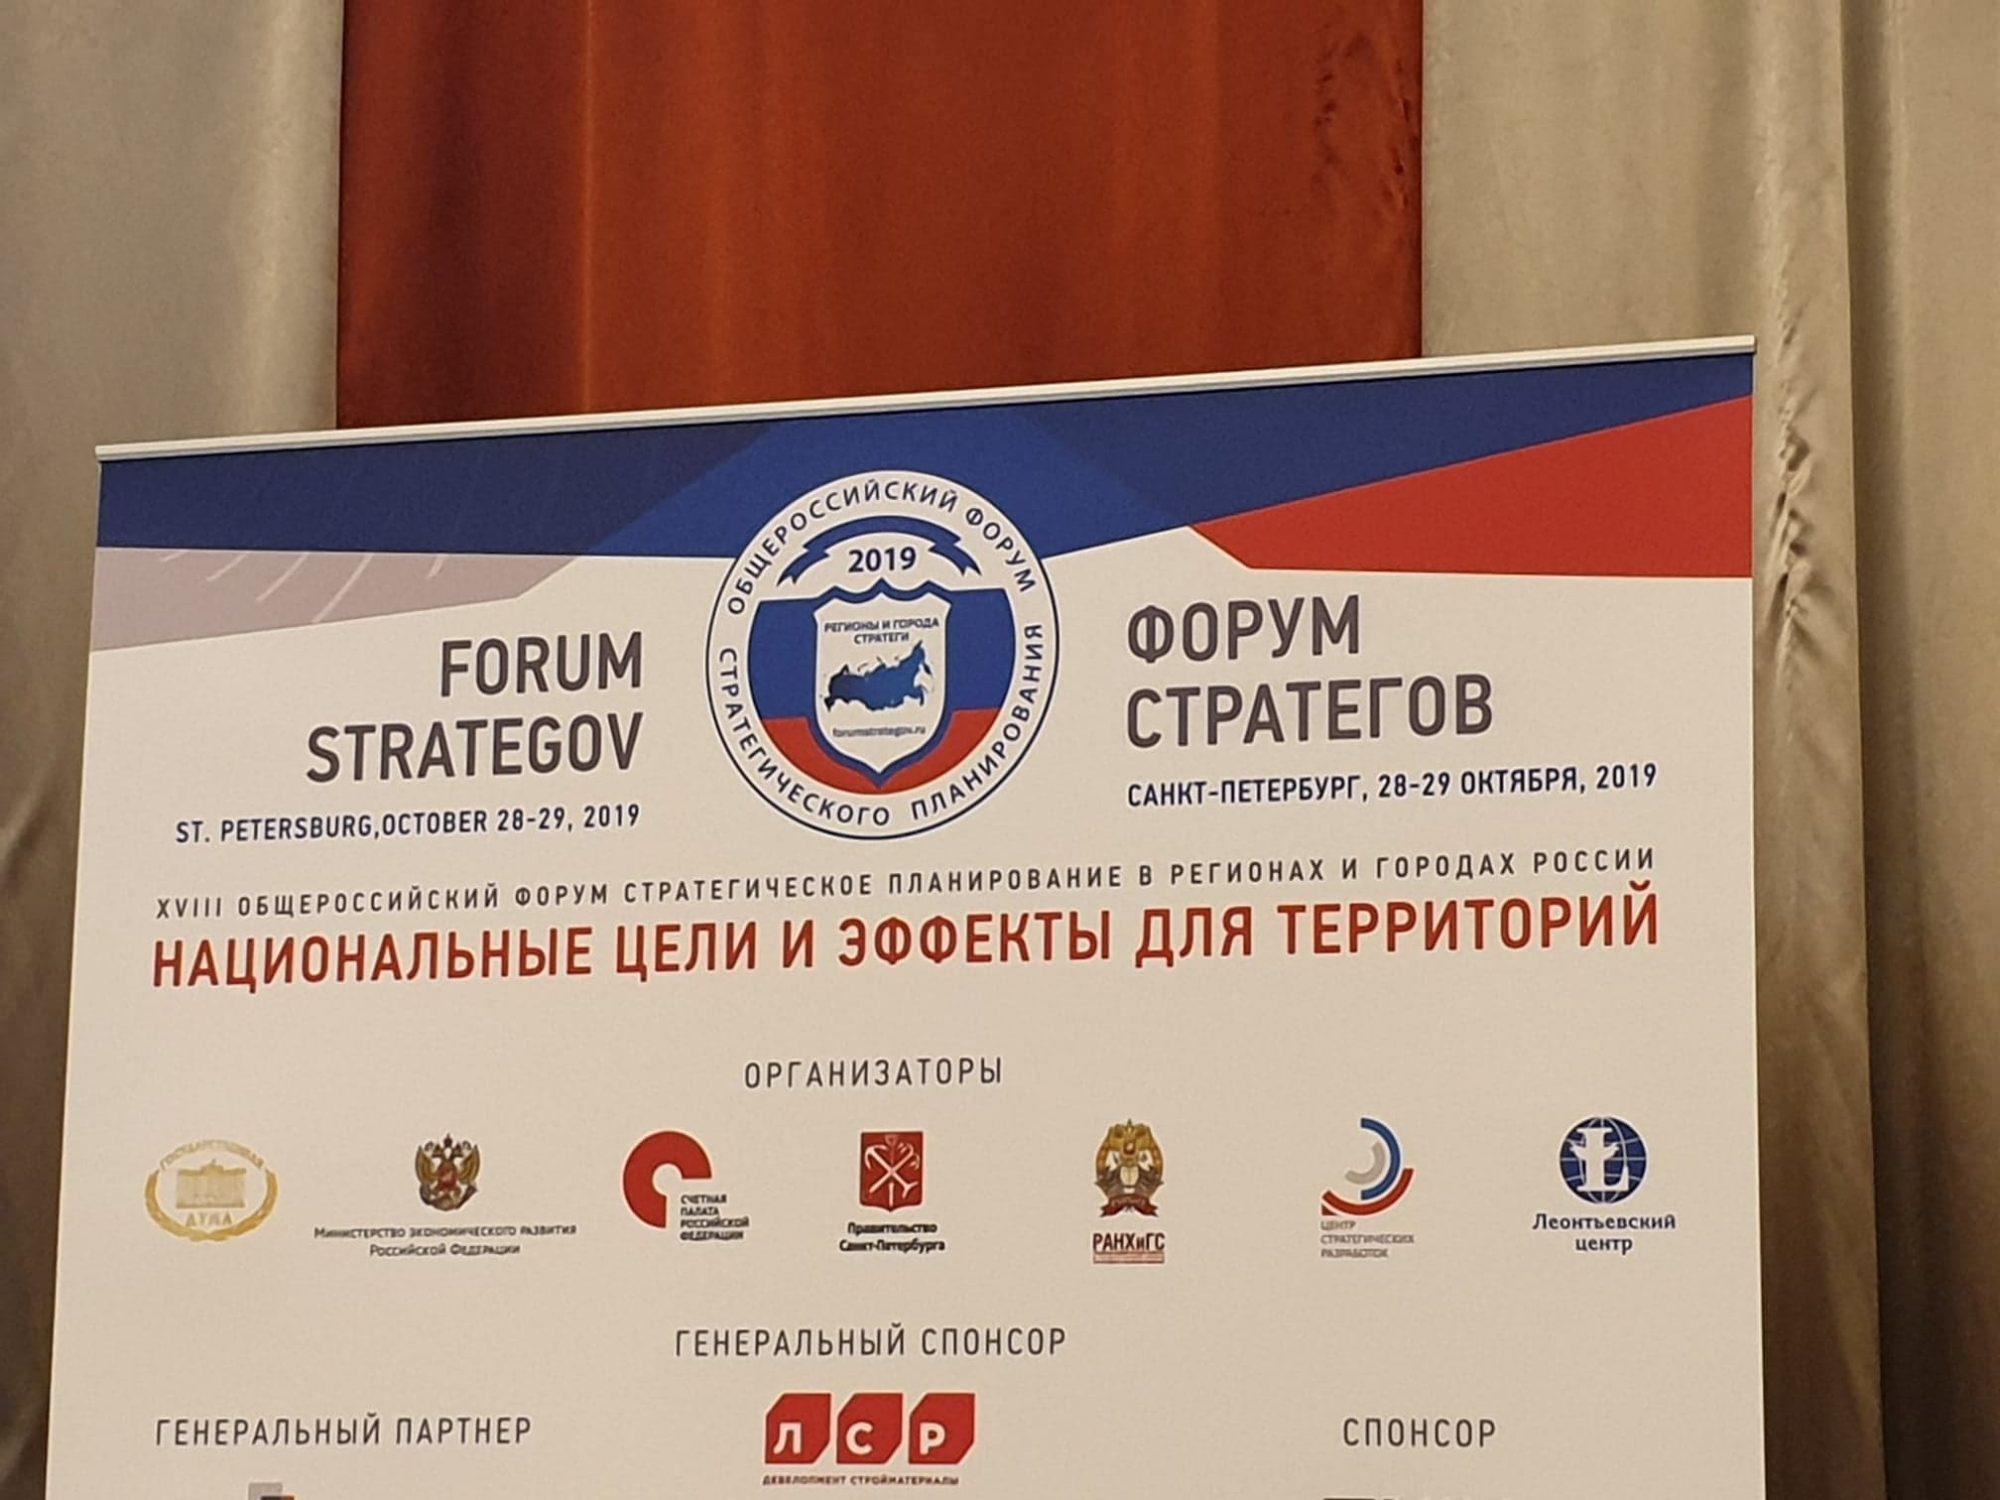 Forum Strategov